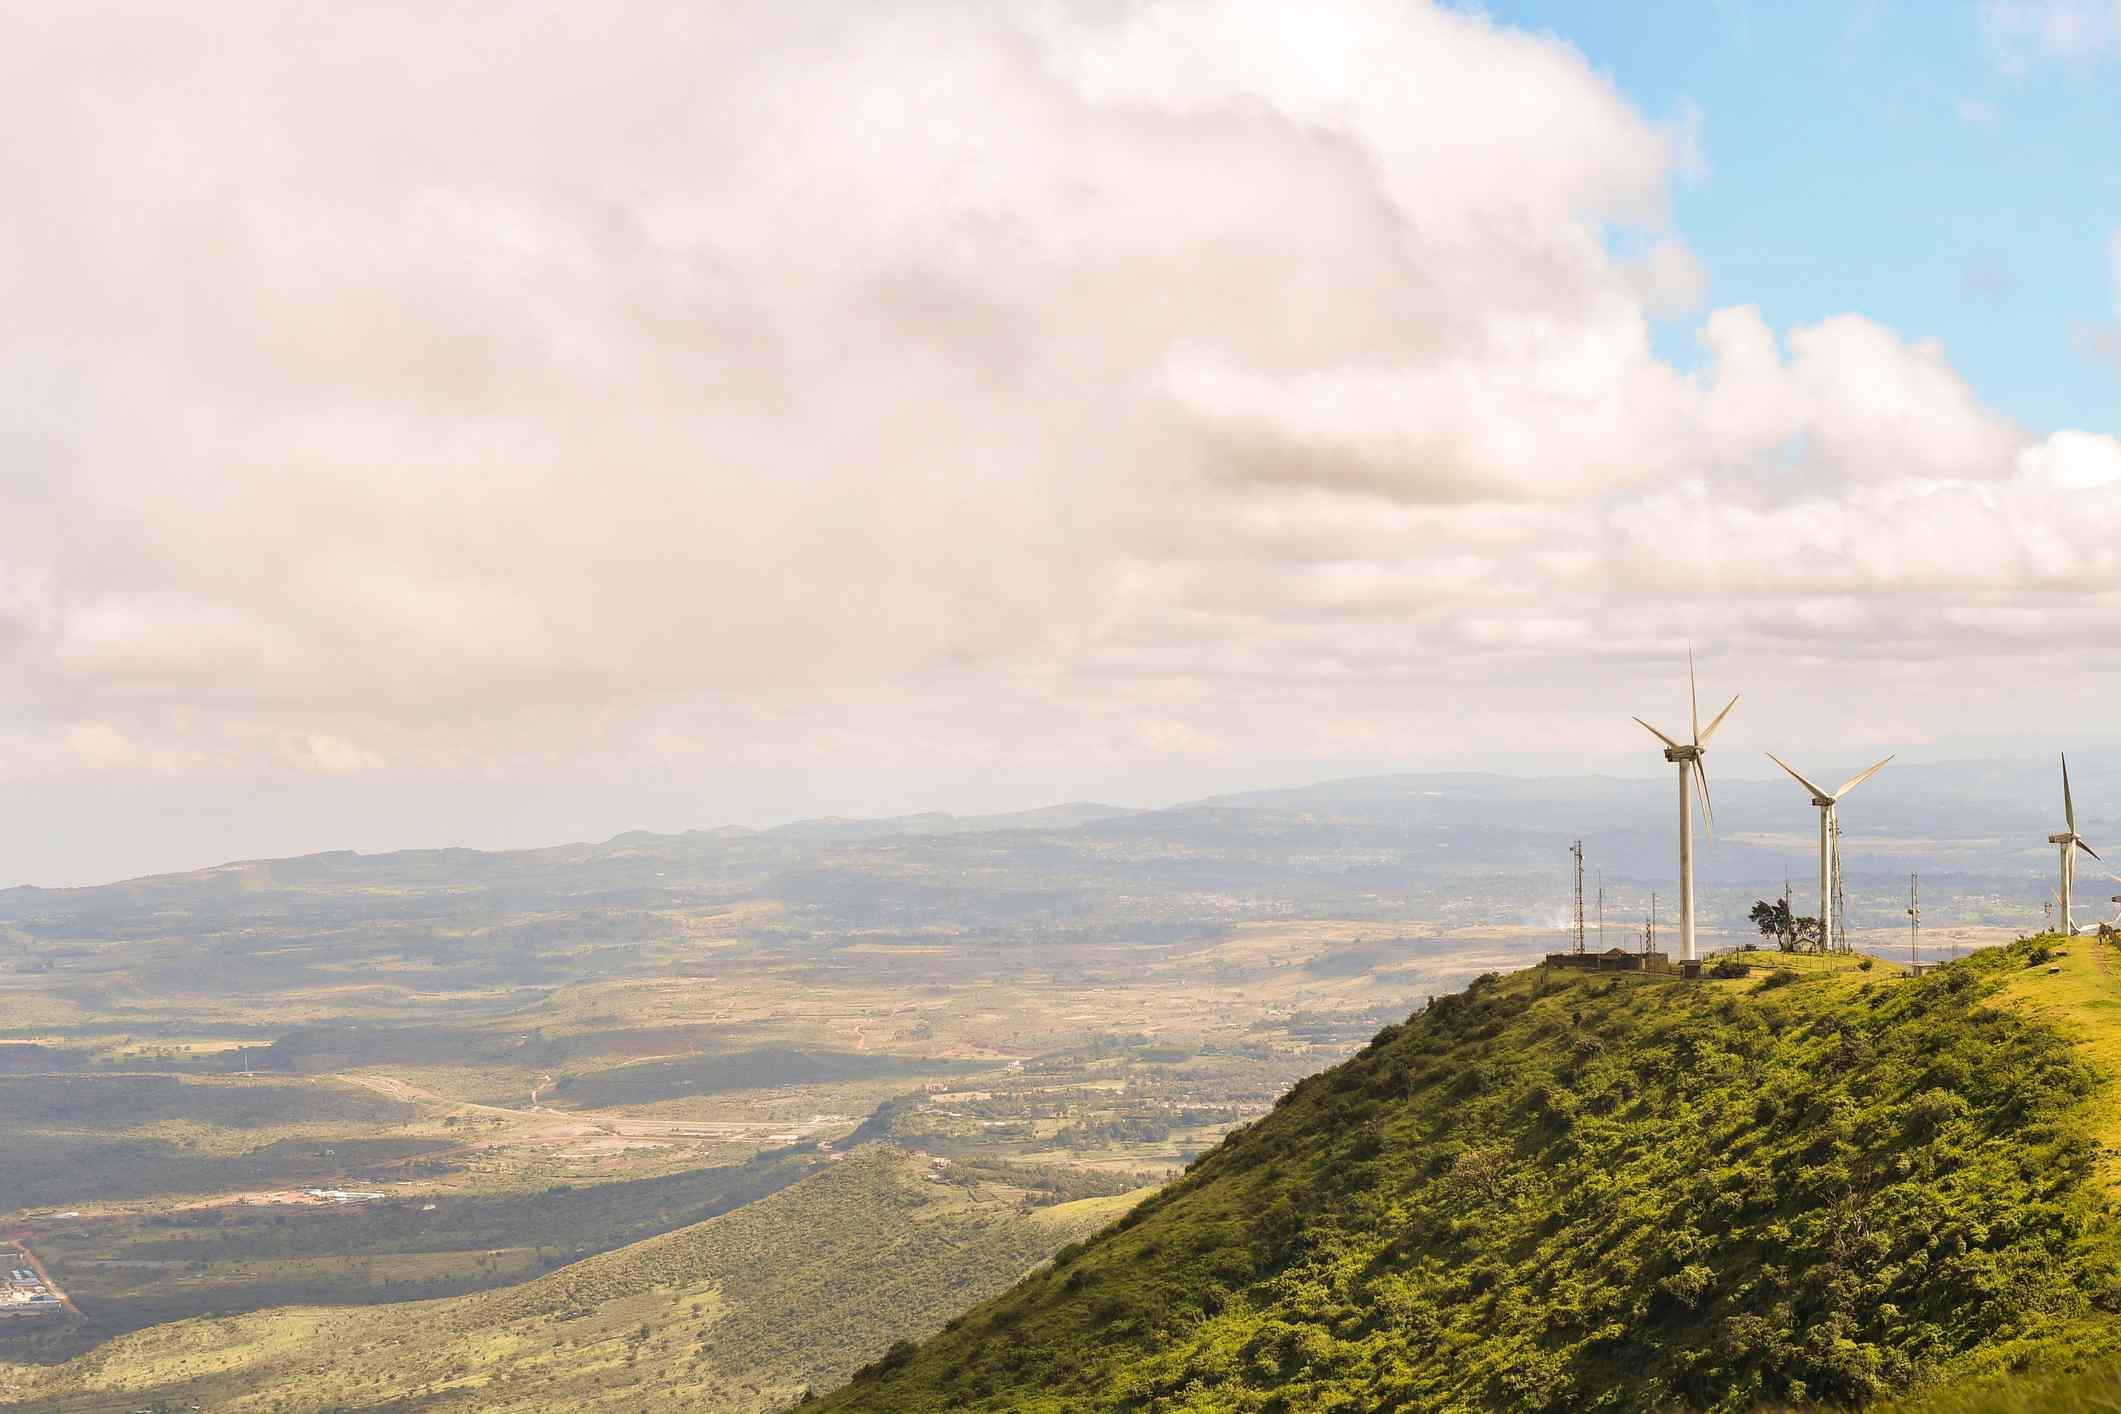 Wind turbines on the Ngong Hills hike, Nairobi